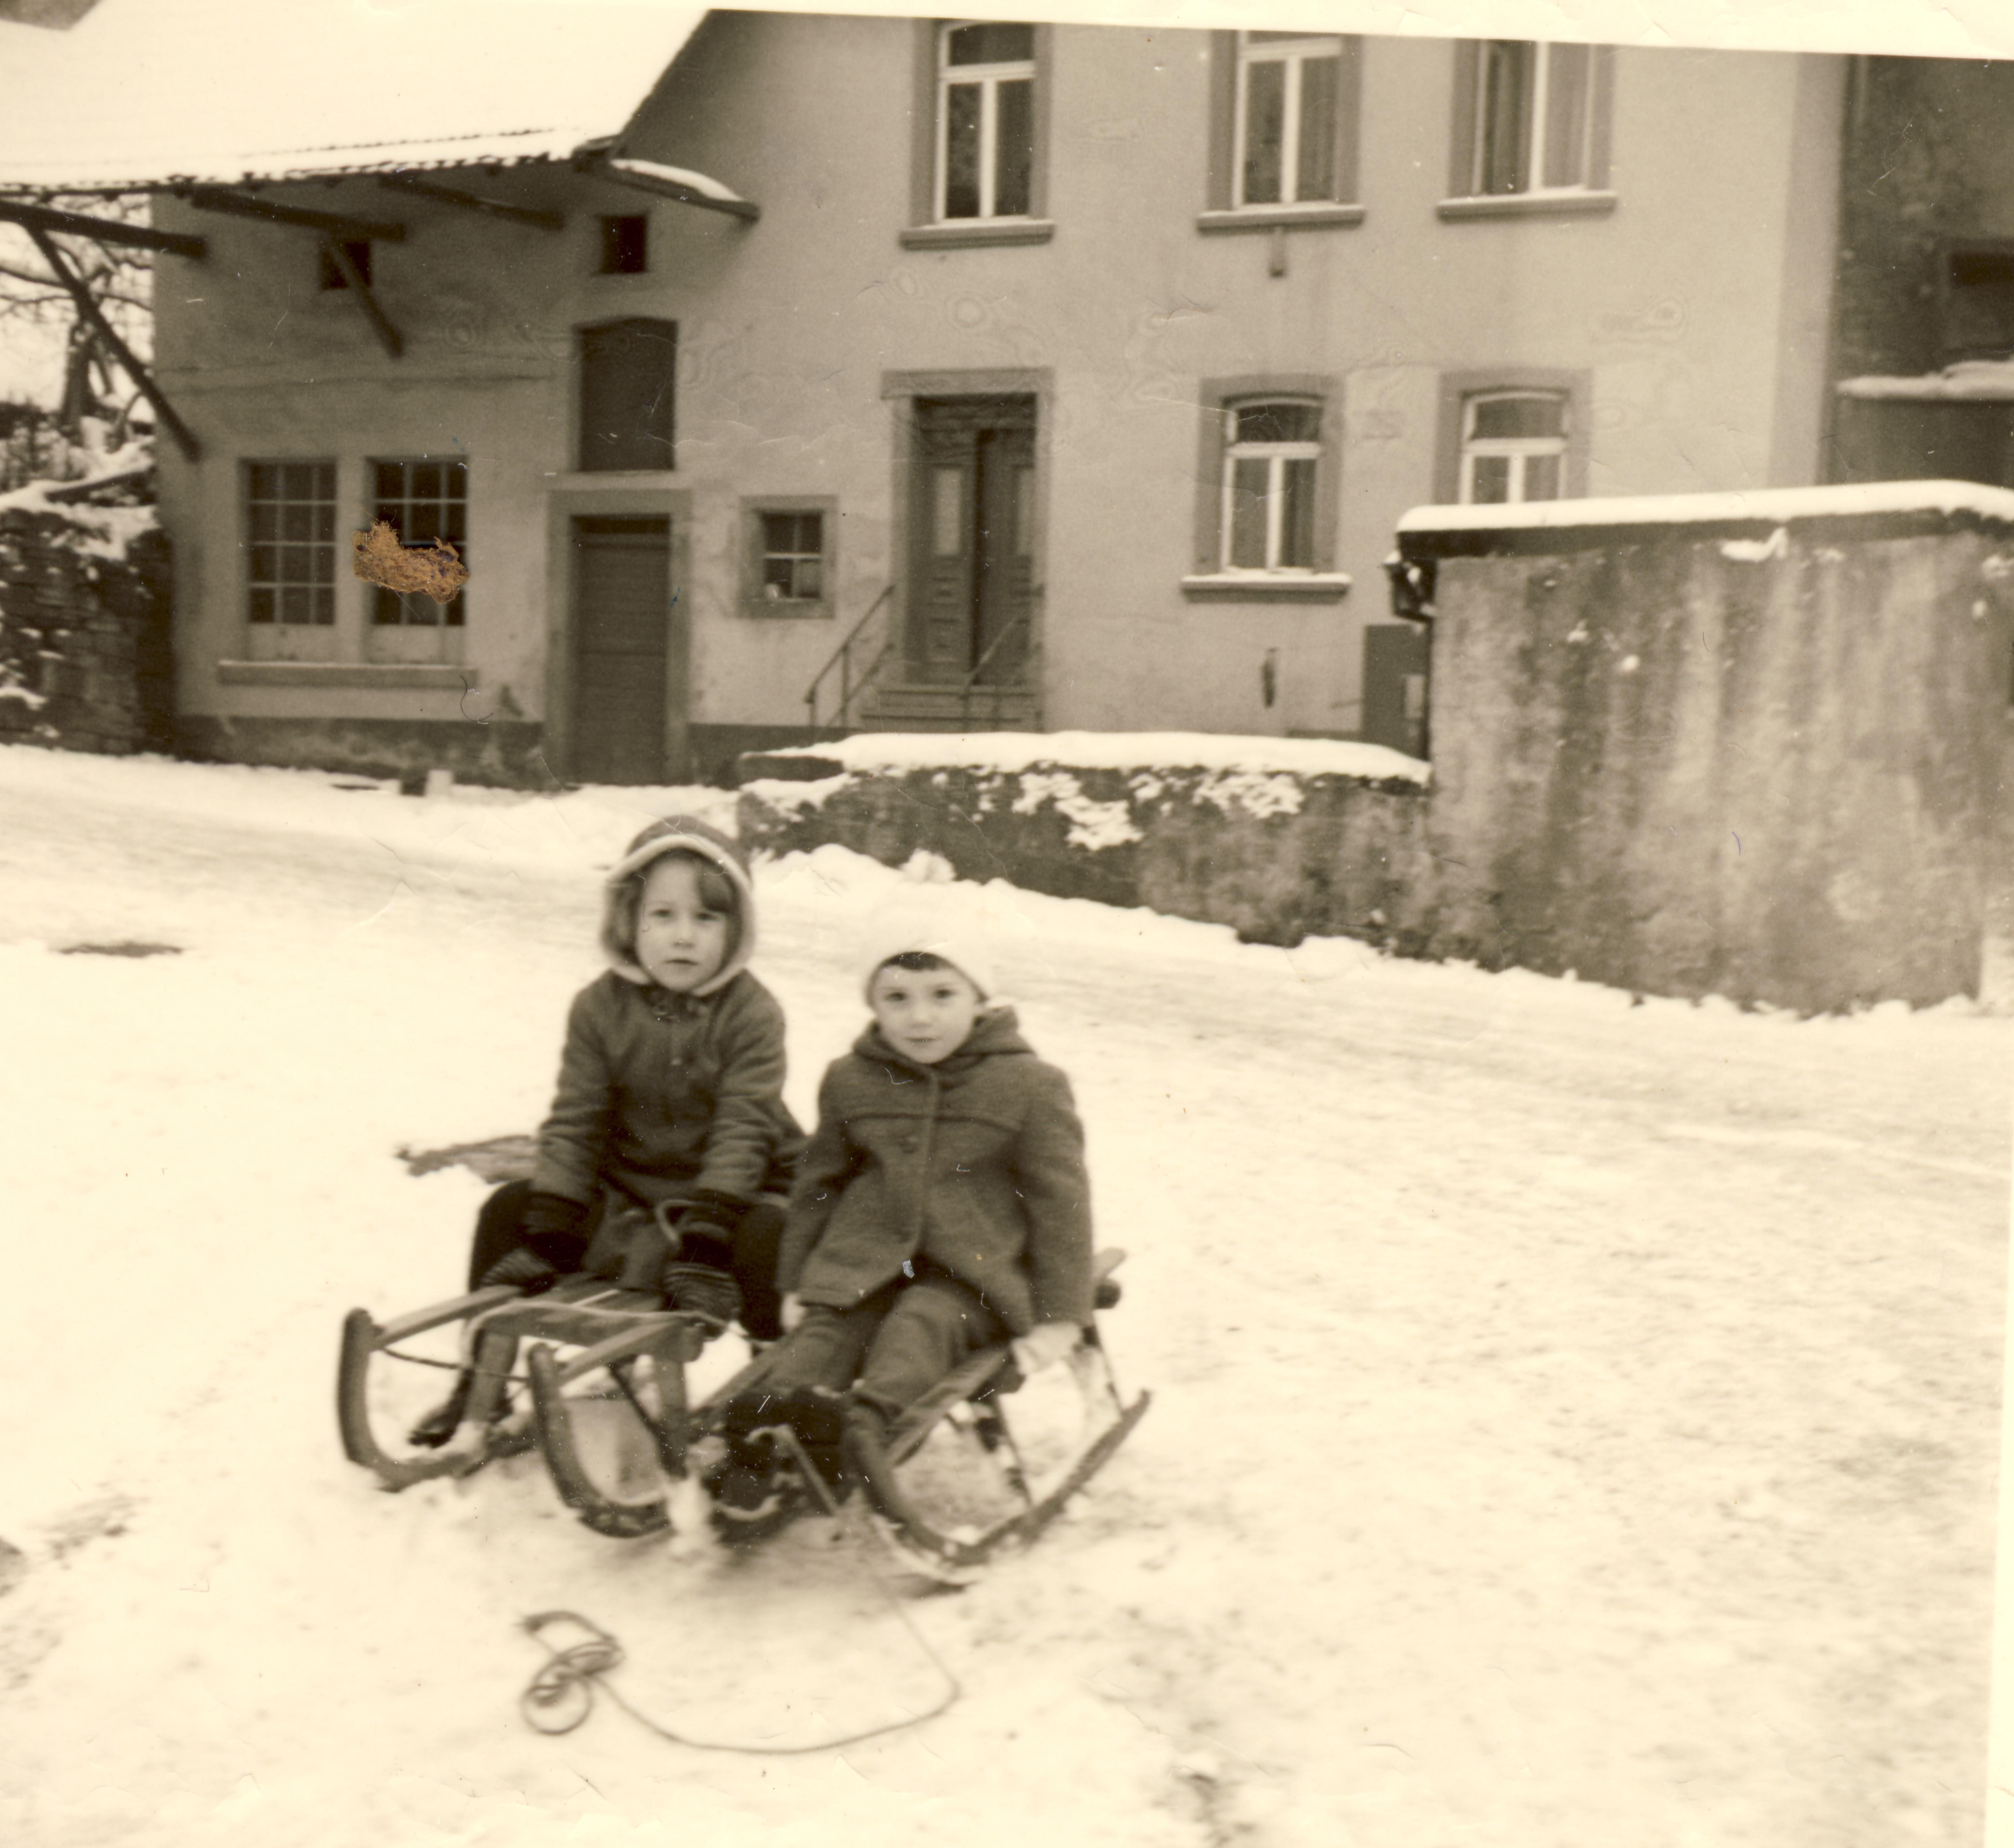 Kinder Ehlers vor dem Wohnhaus Oberdorf 2 im Winter 1961/62